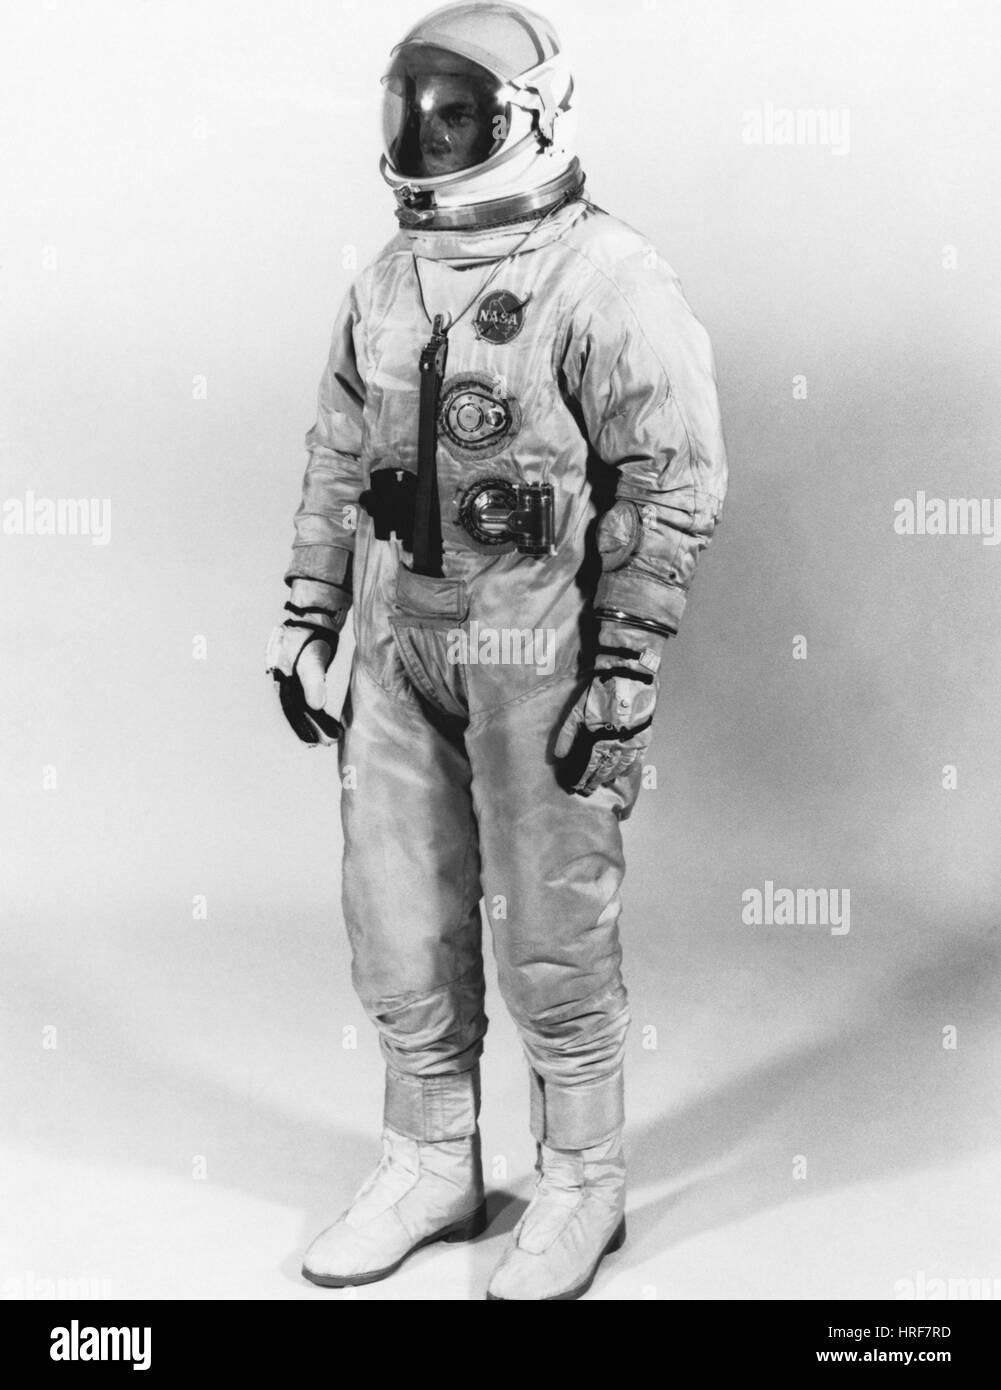 Traje espacial extravehicular, 1965 Imagen De Stock